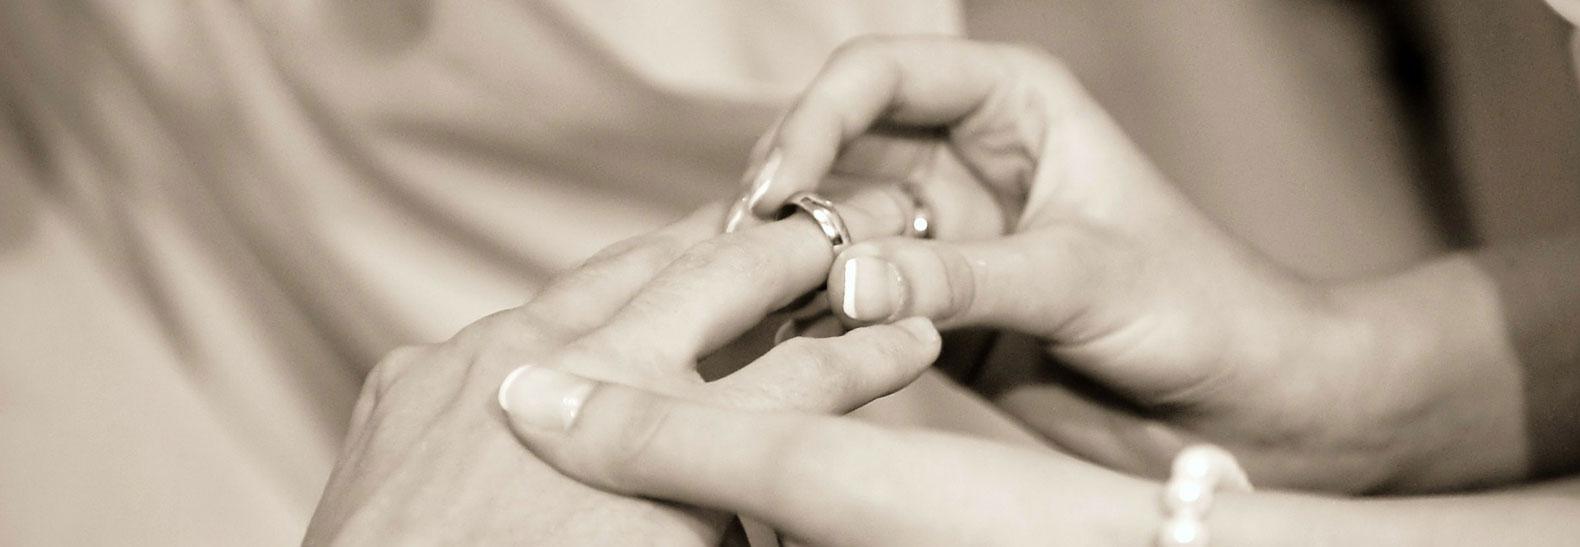 Matrimoni Vip Toscana : I più noti matrimoni vip in toscana abbazia di spineto